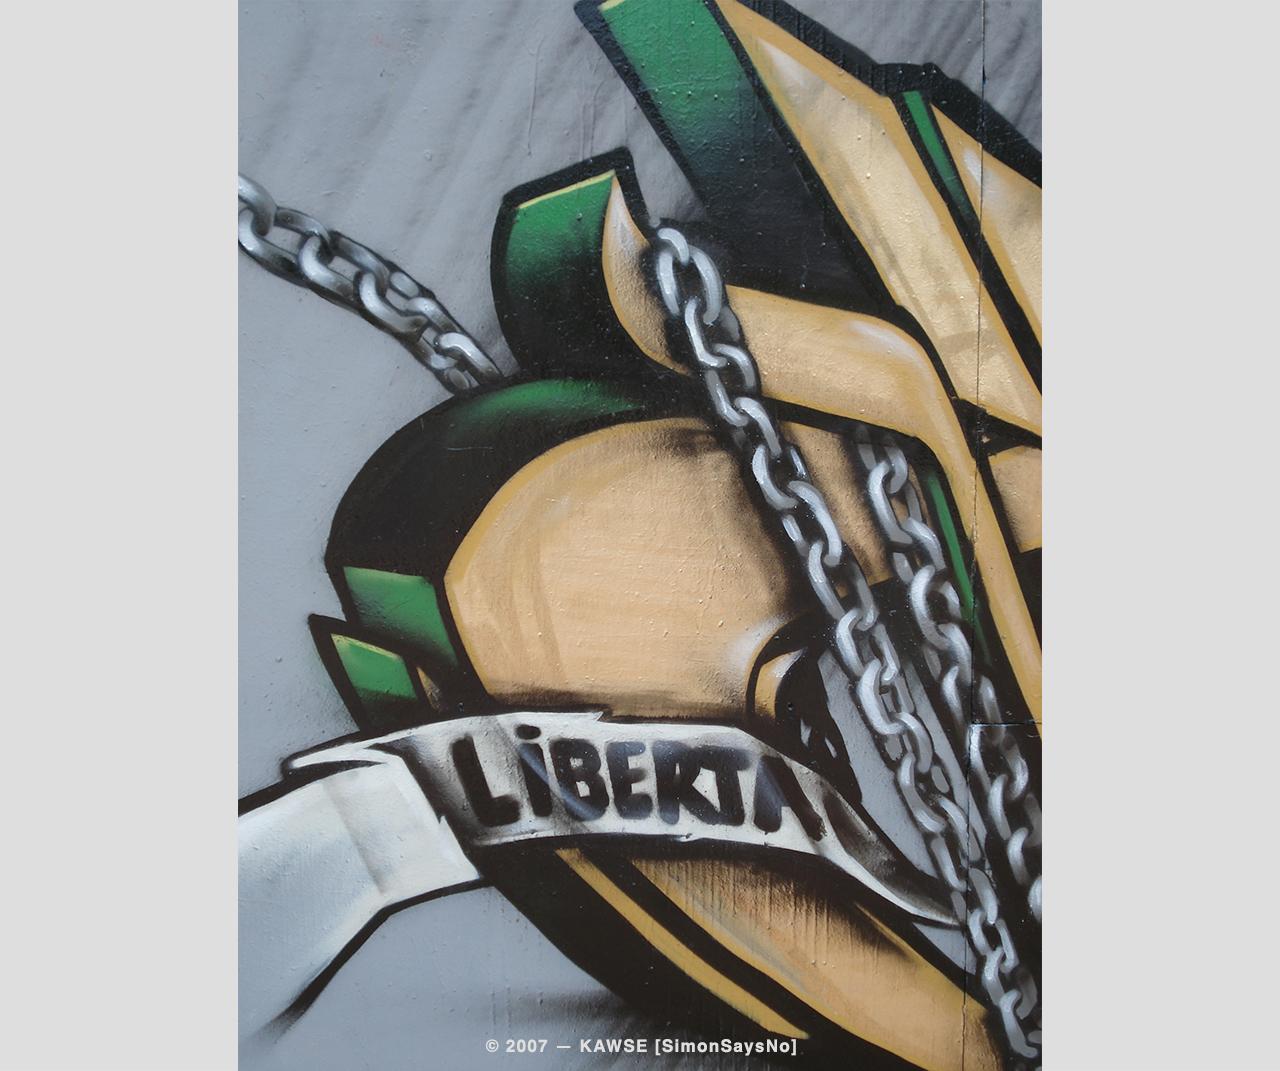 KAWSE 2007 — LIBERTA [Detail]